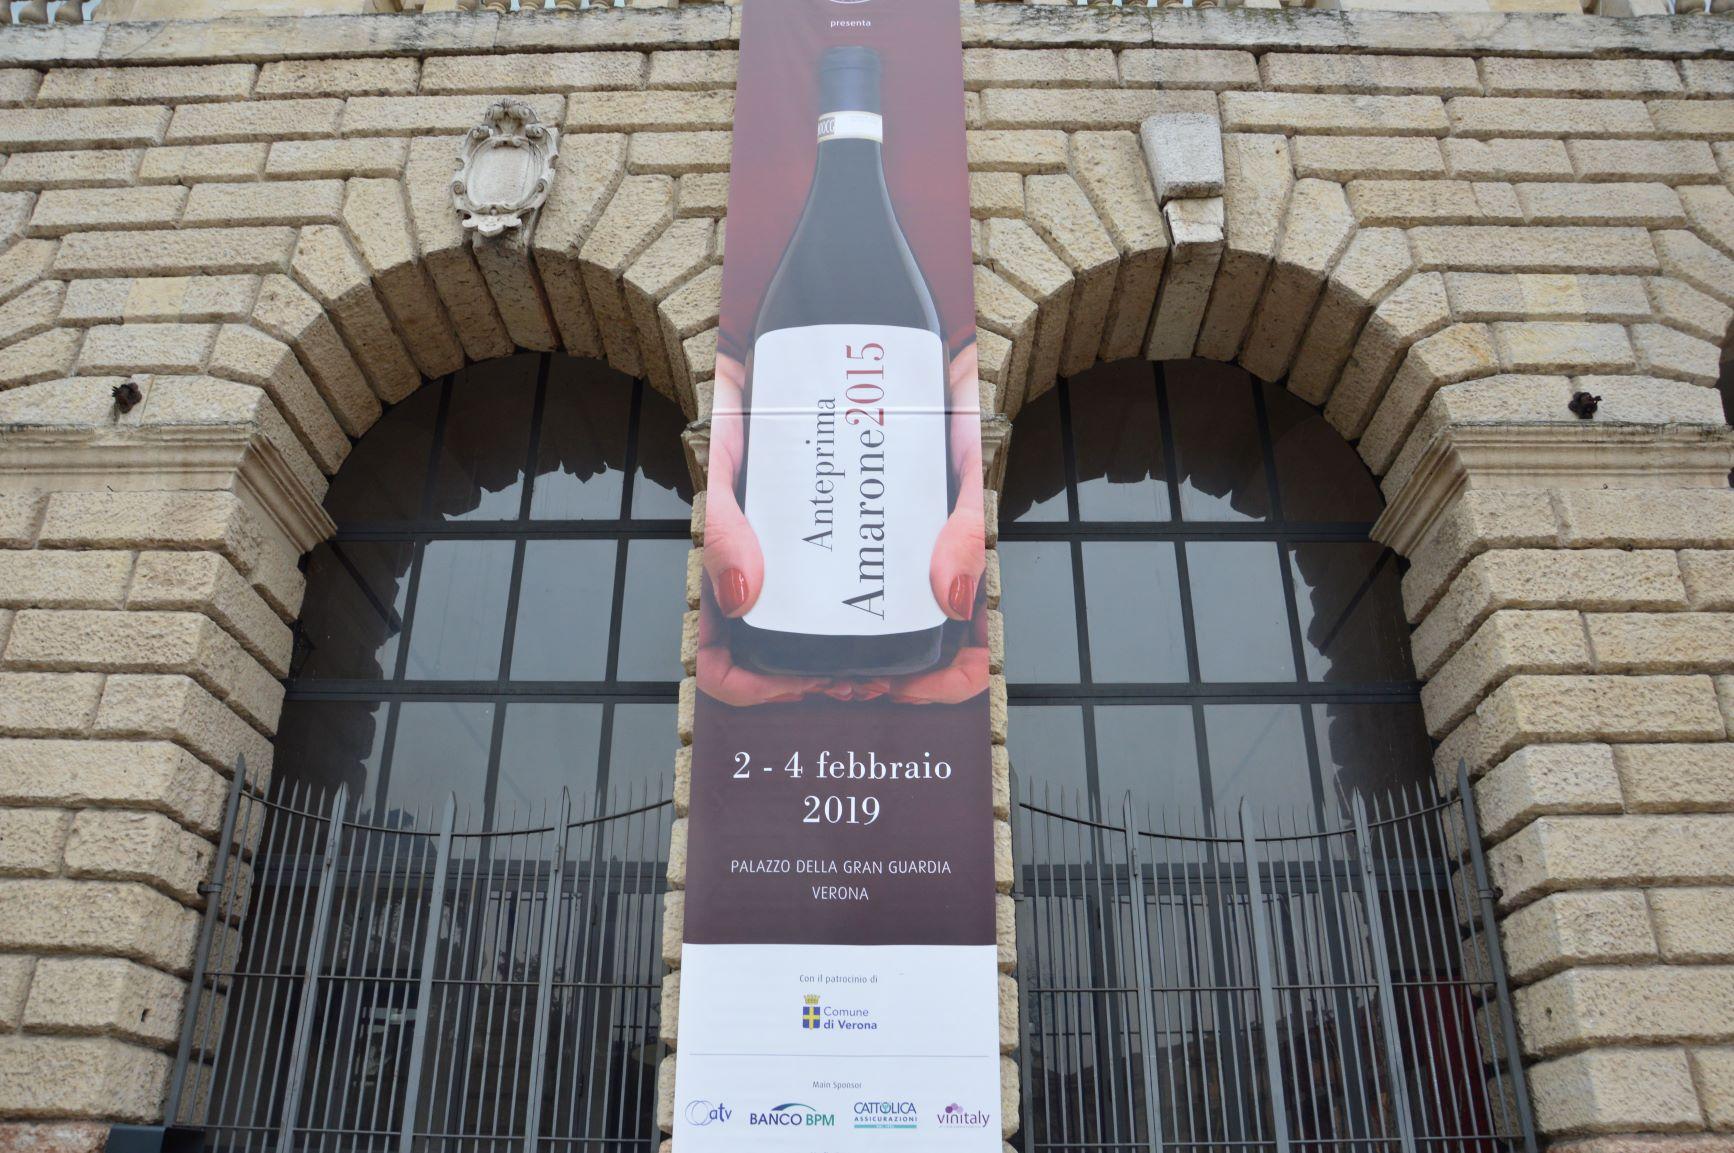 Anteprima Amarone: un evento esclusivo per un vino di lusso